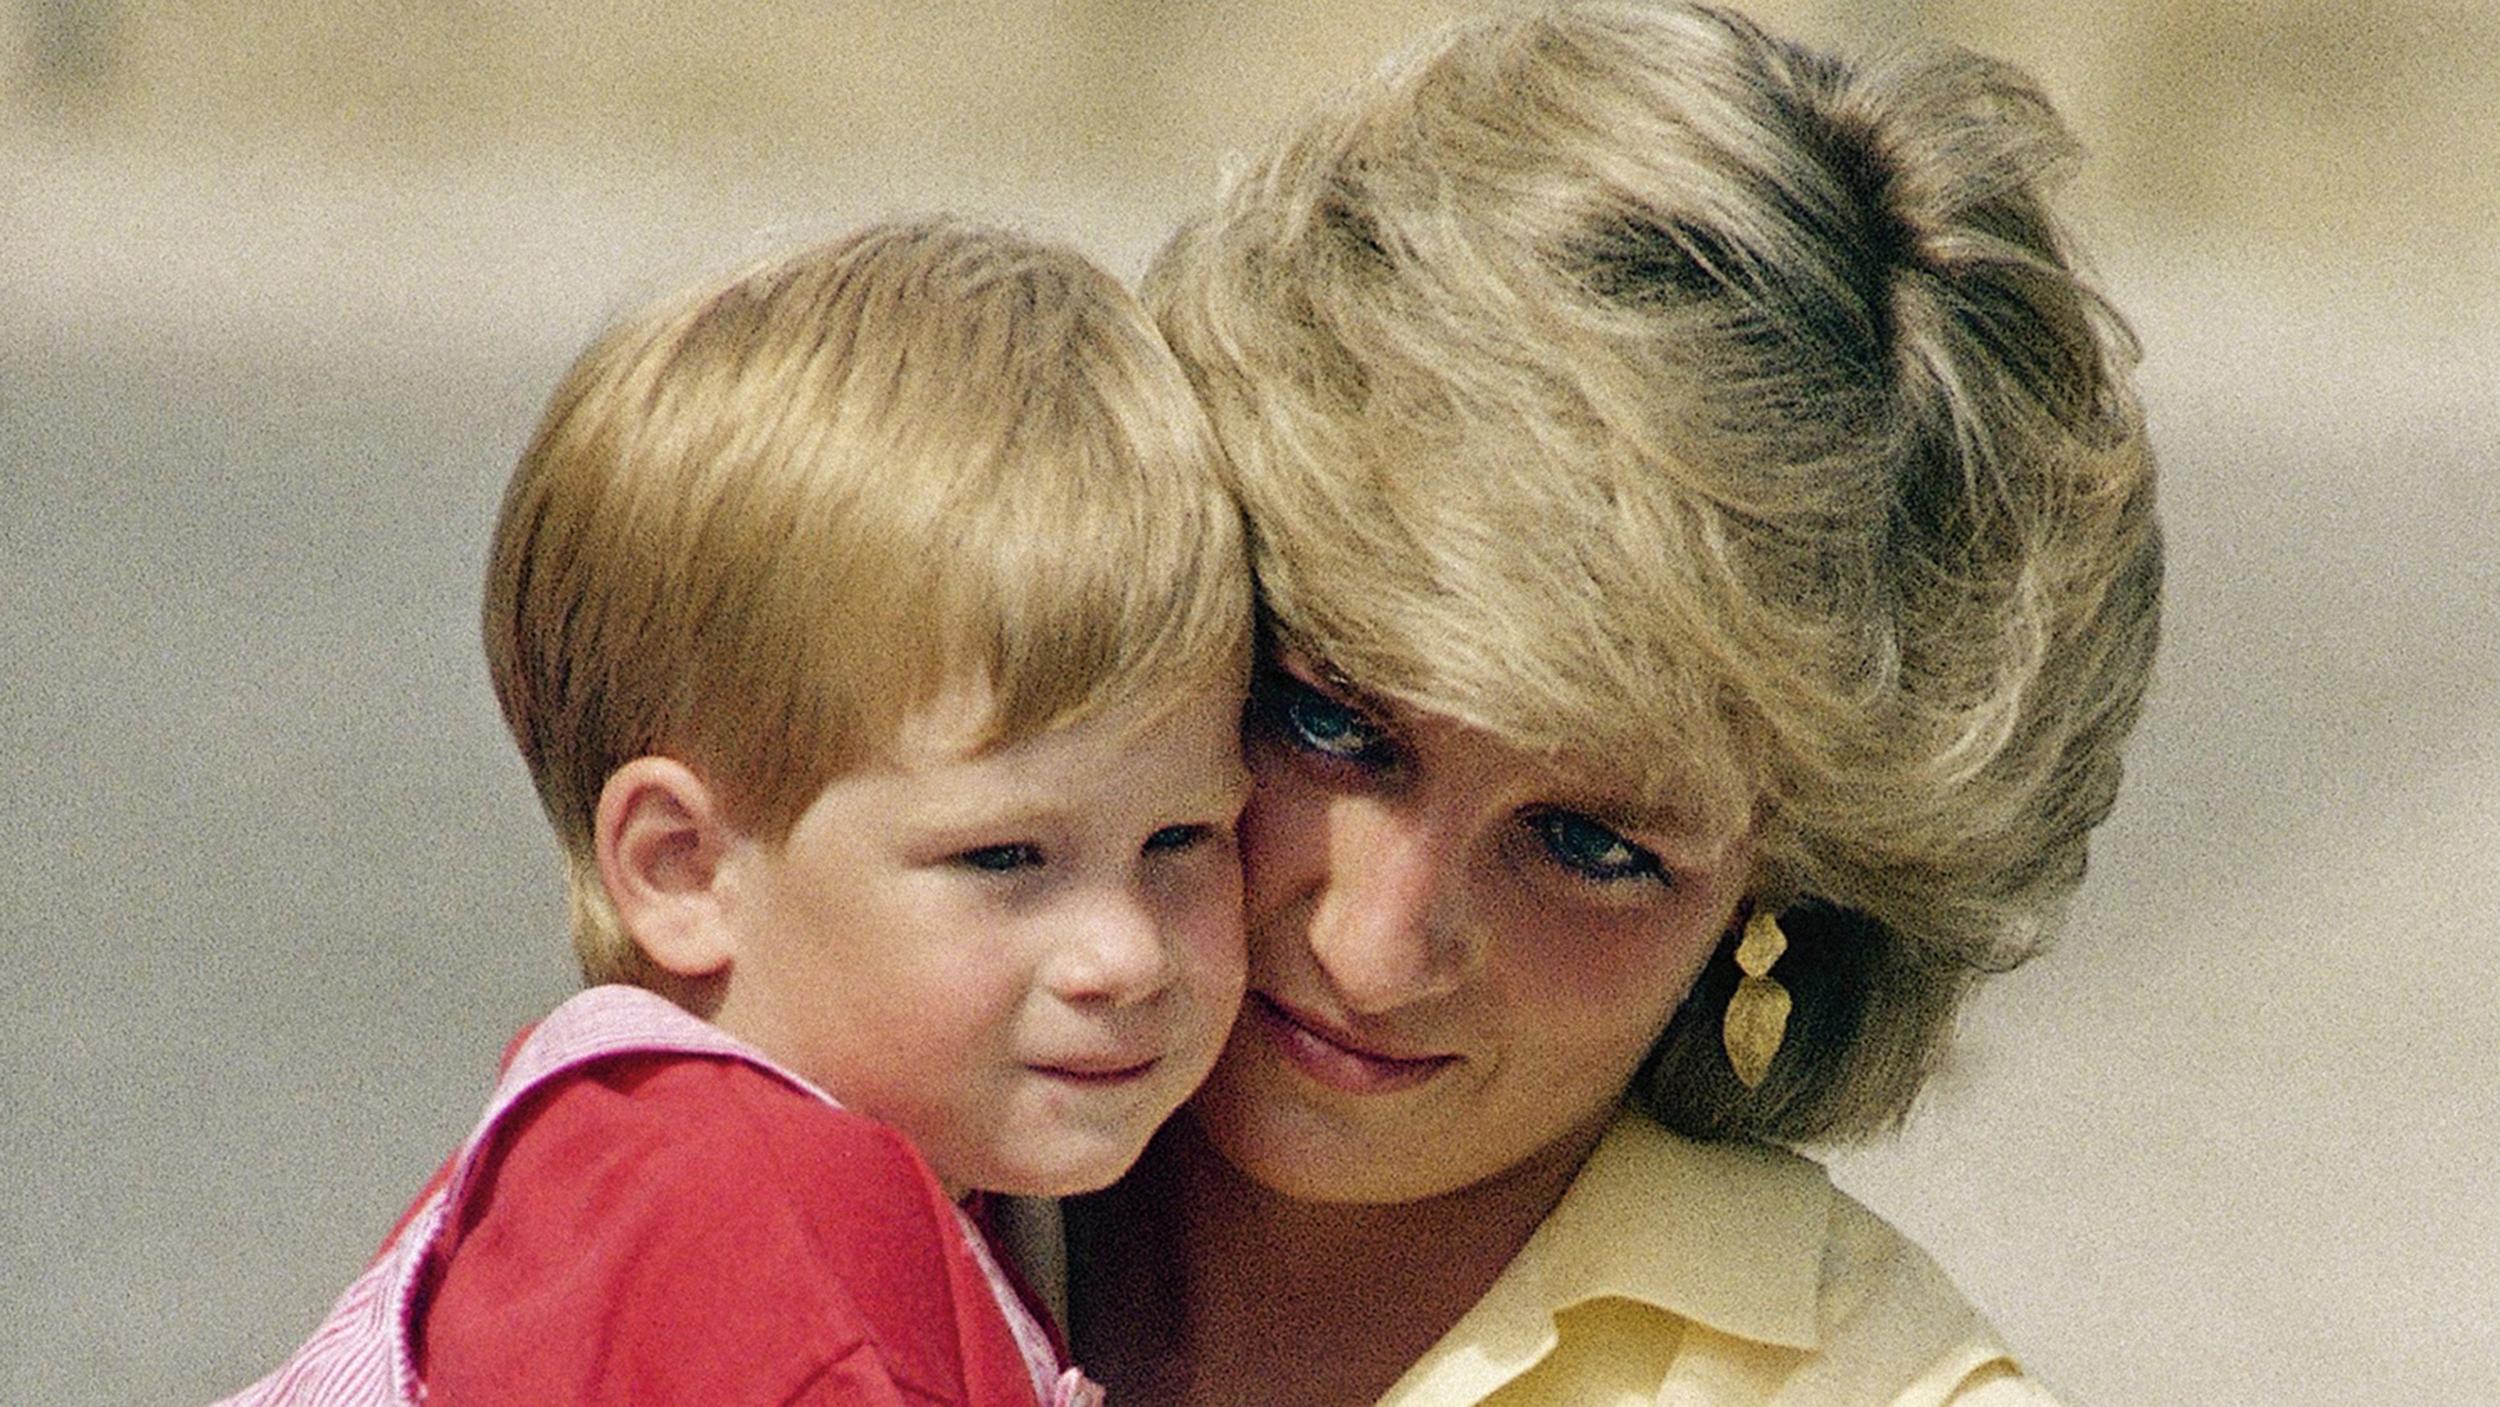 Prince Harry on Princess Diana's influence: I want to make her ...